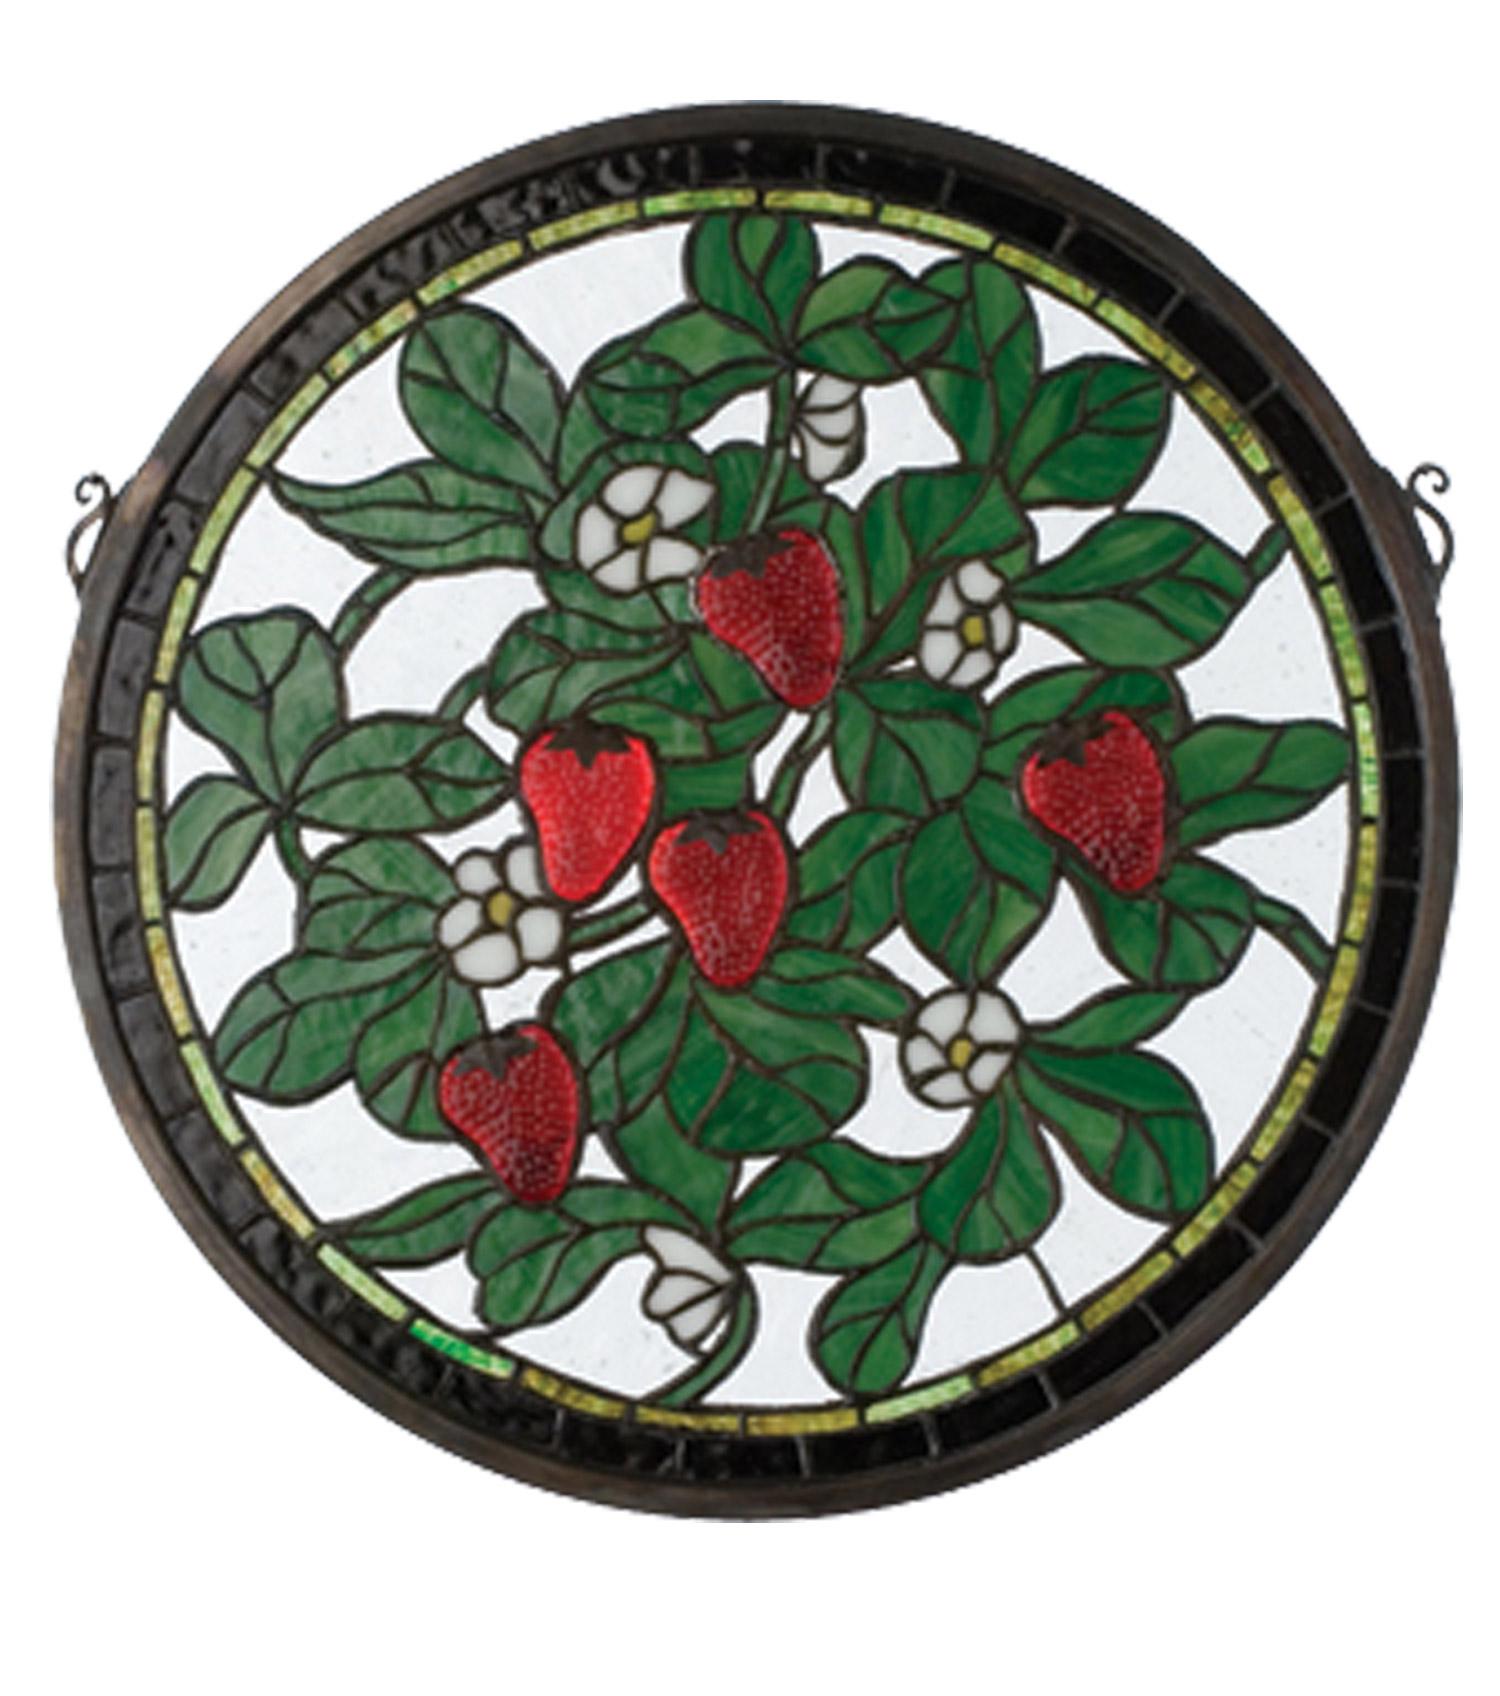 Meyda 20728 Tiffany Strawberry Medallion Stained Glass Window